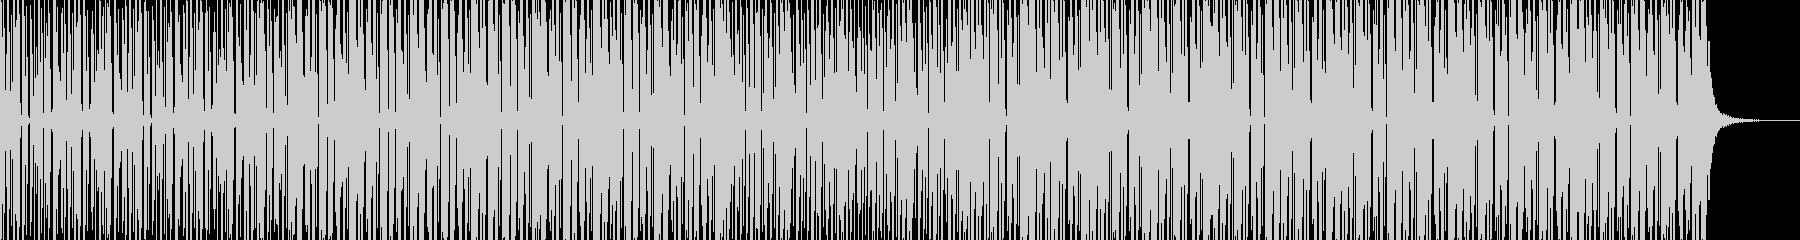 シンセティックハウスの未再生の波形